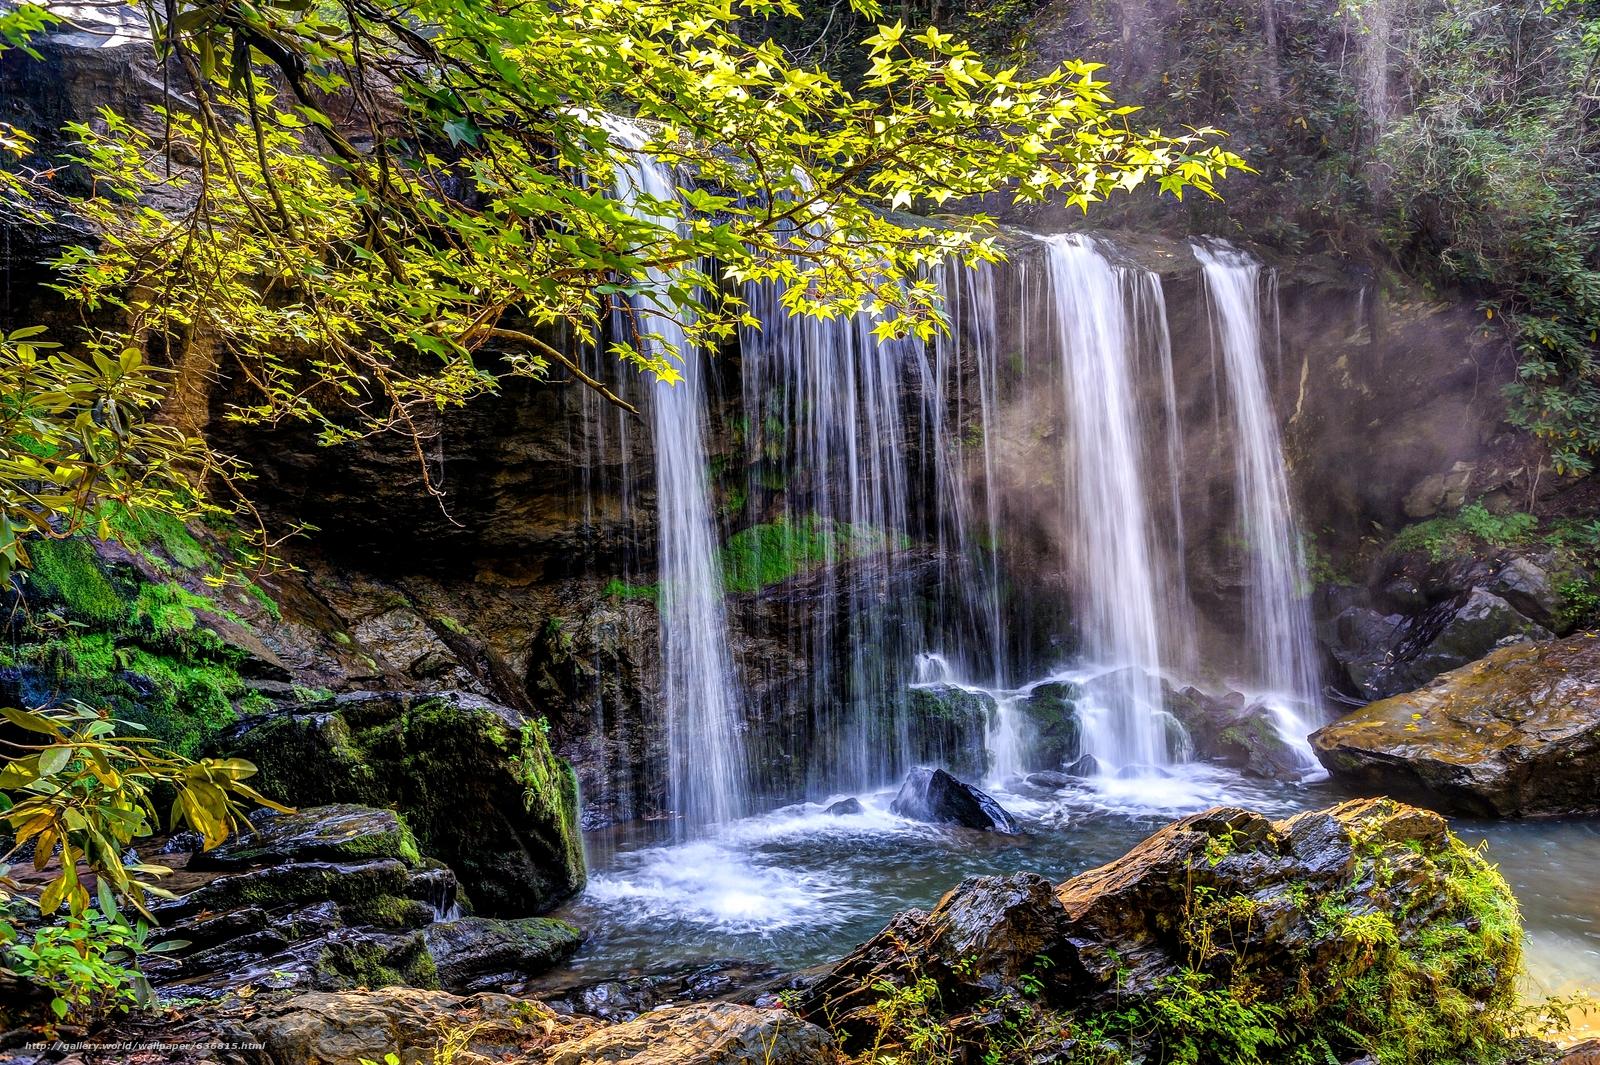 下载壁纸 县,  SC,  瀑布,  岩石 免费为您的桌面分辨率的壁纸 4256x2832 — 图片 №636815